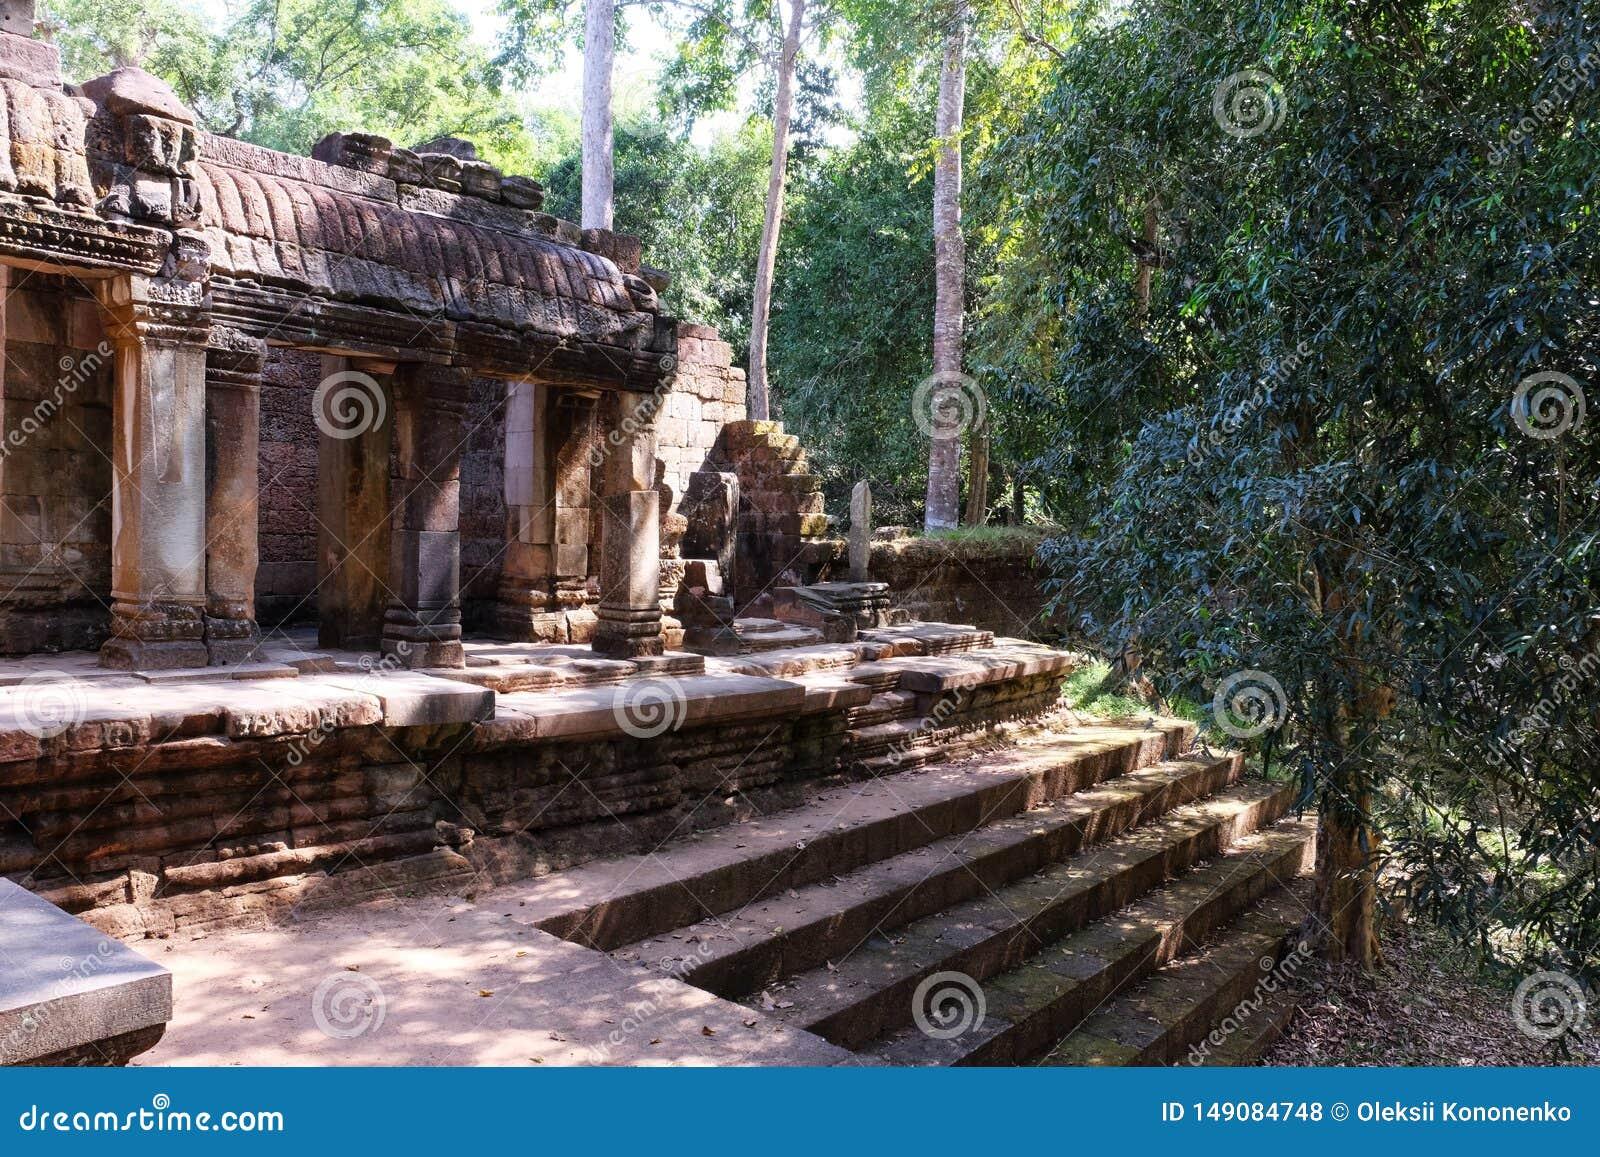 Los ficus crecen en las escaleras de un templo dilapidado antiguo Ruinas antiguas en los pasos de la piedra de la selva tropical